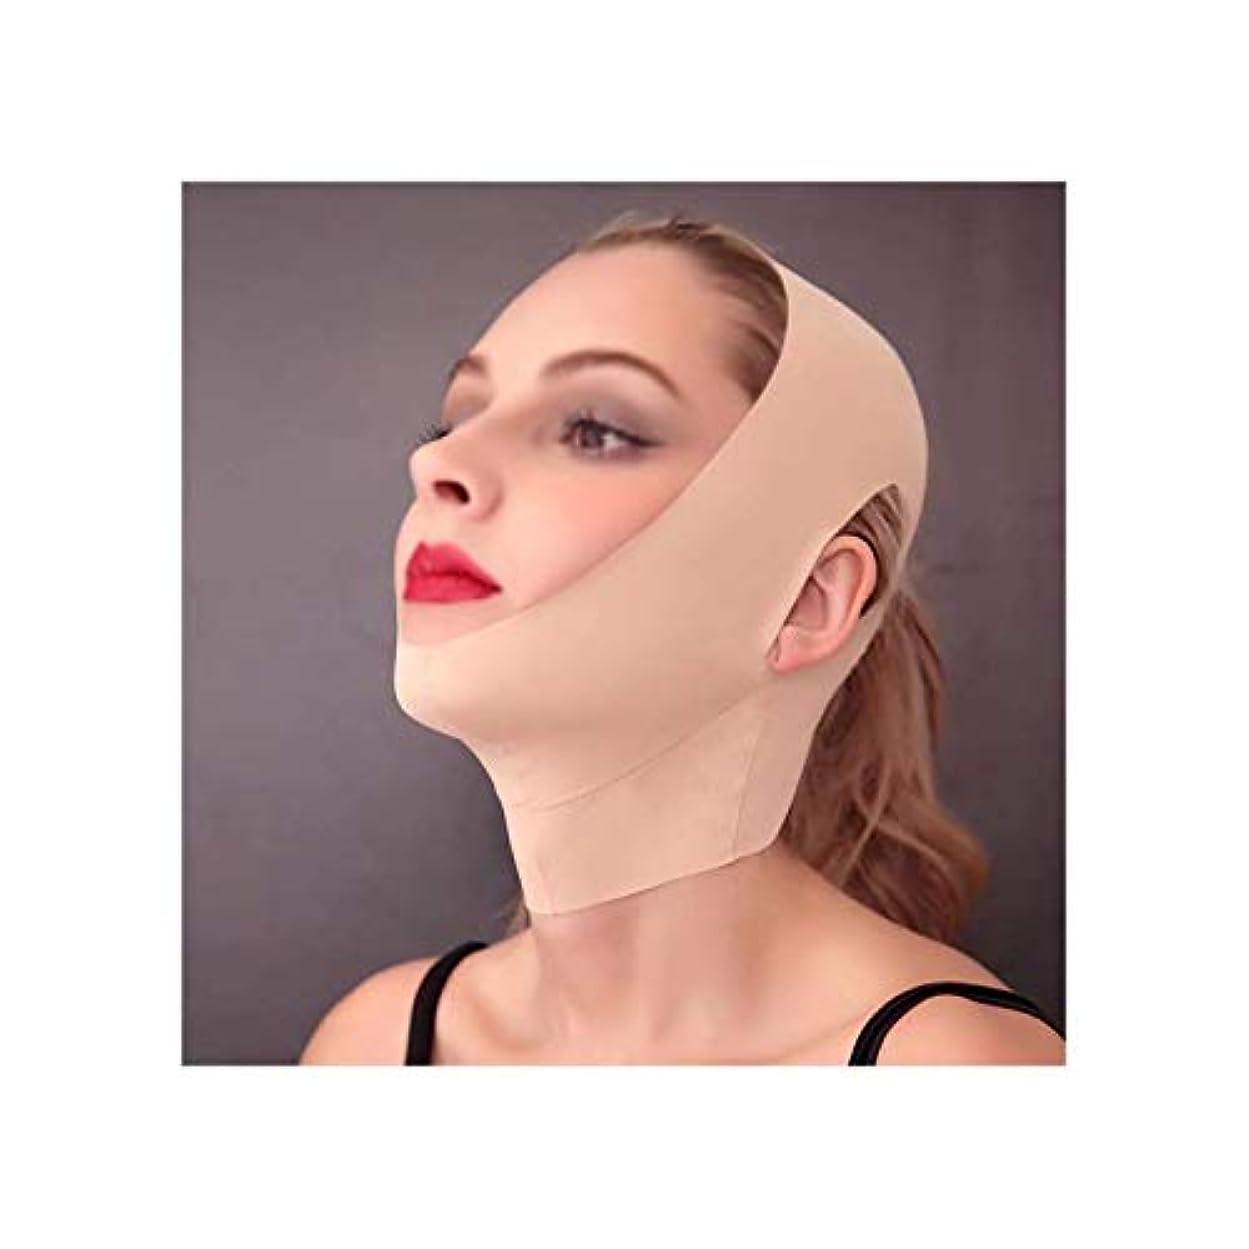 昼寝粒子バースフェイシャルマスク、フェイスリフティングアーティファクト女性男性スリープフェイスVフェイスバンデージマスクリフティングフェイスコレクションファーミングフェイストゥーダブルチンスリミングベルト